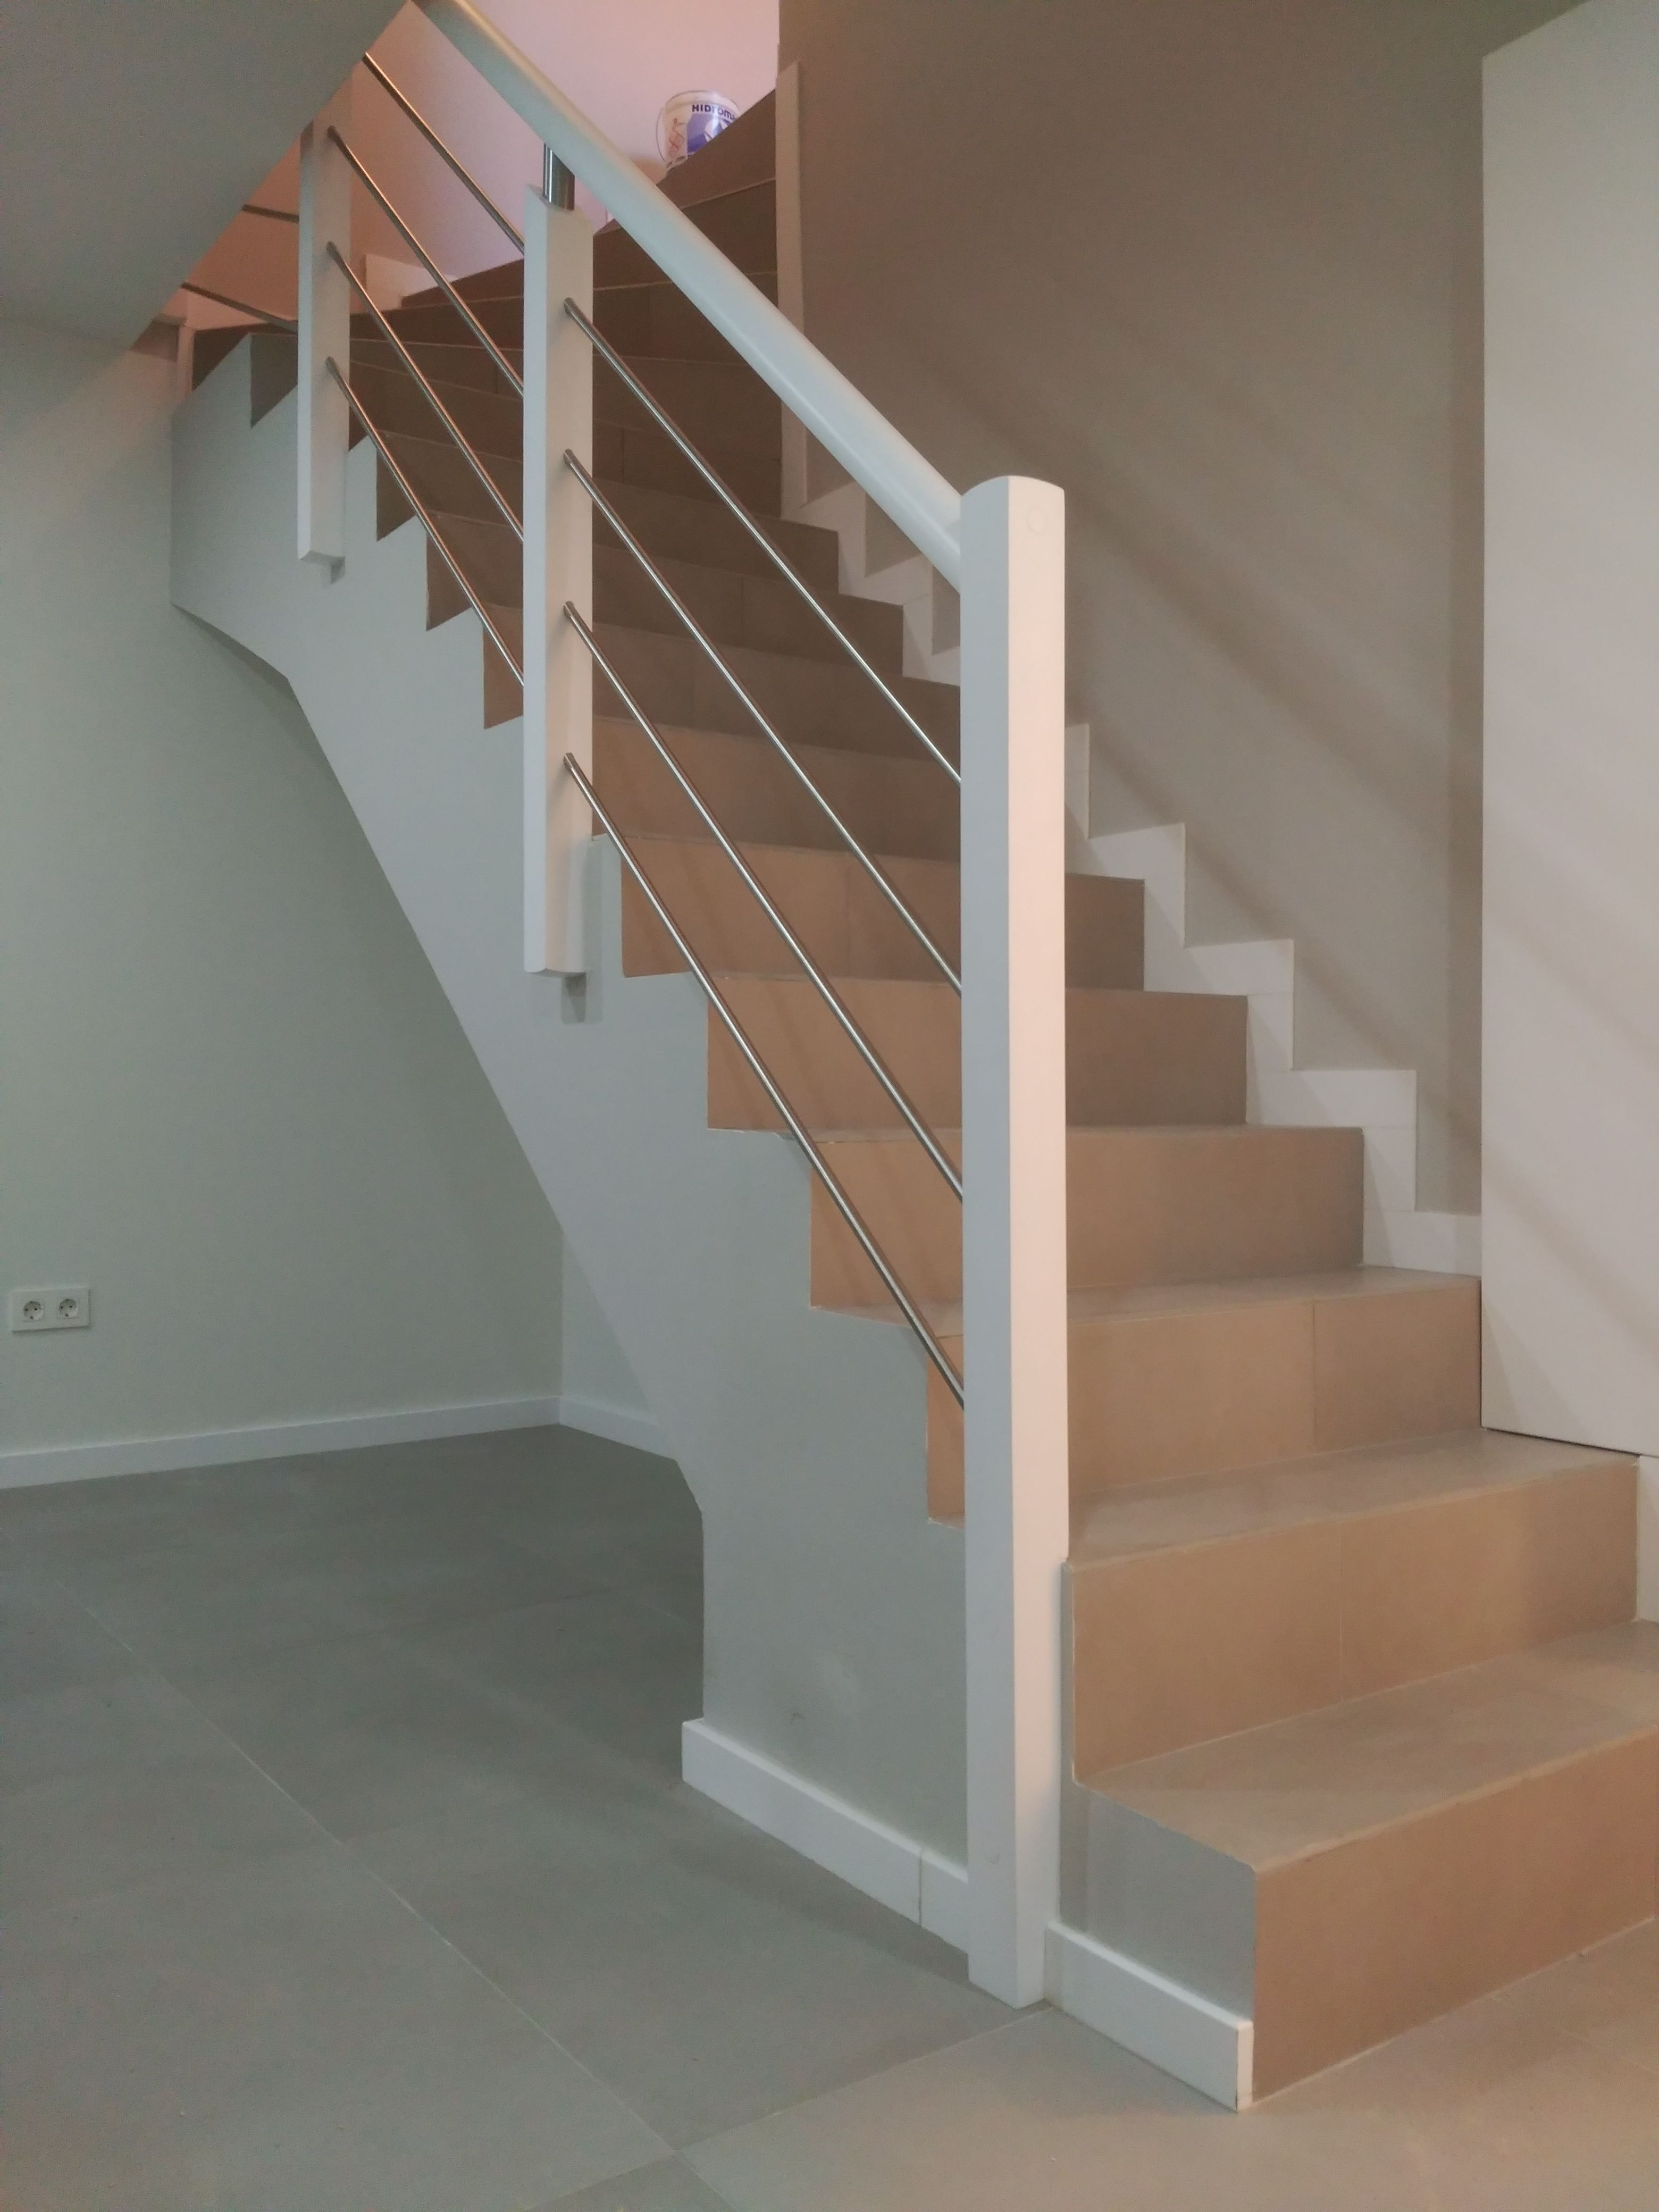 Barandilla Para Escalera De Obra Con Montantes De Madera Varillas  ~ Escaleras Prefabricadas De Madera